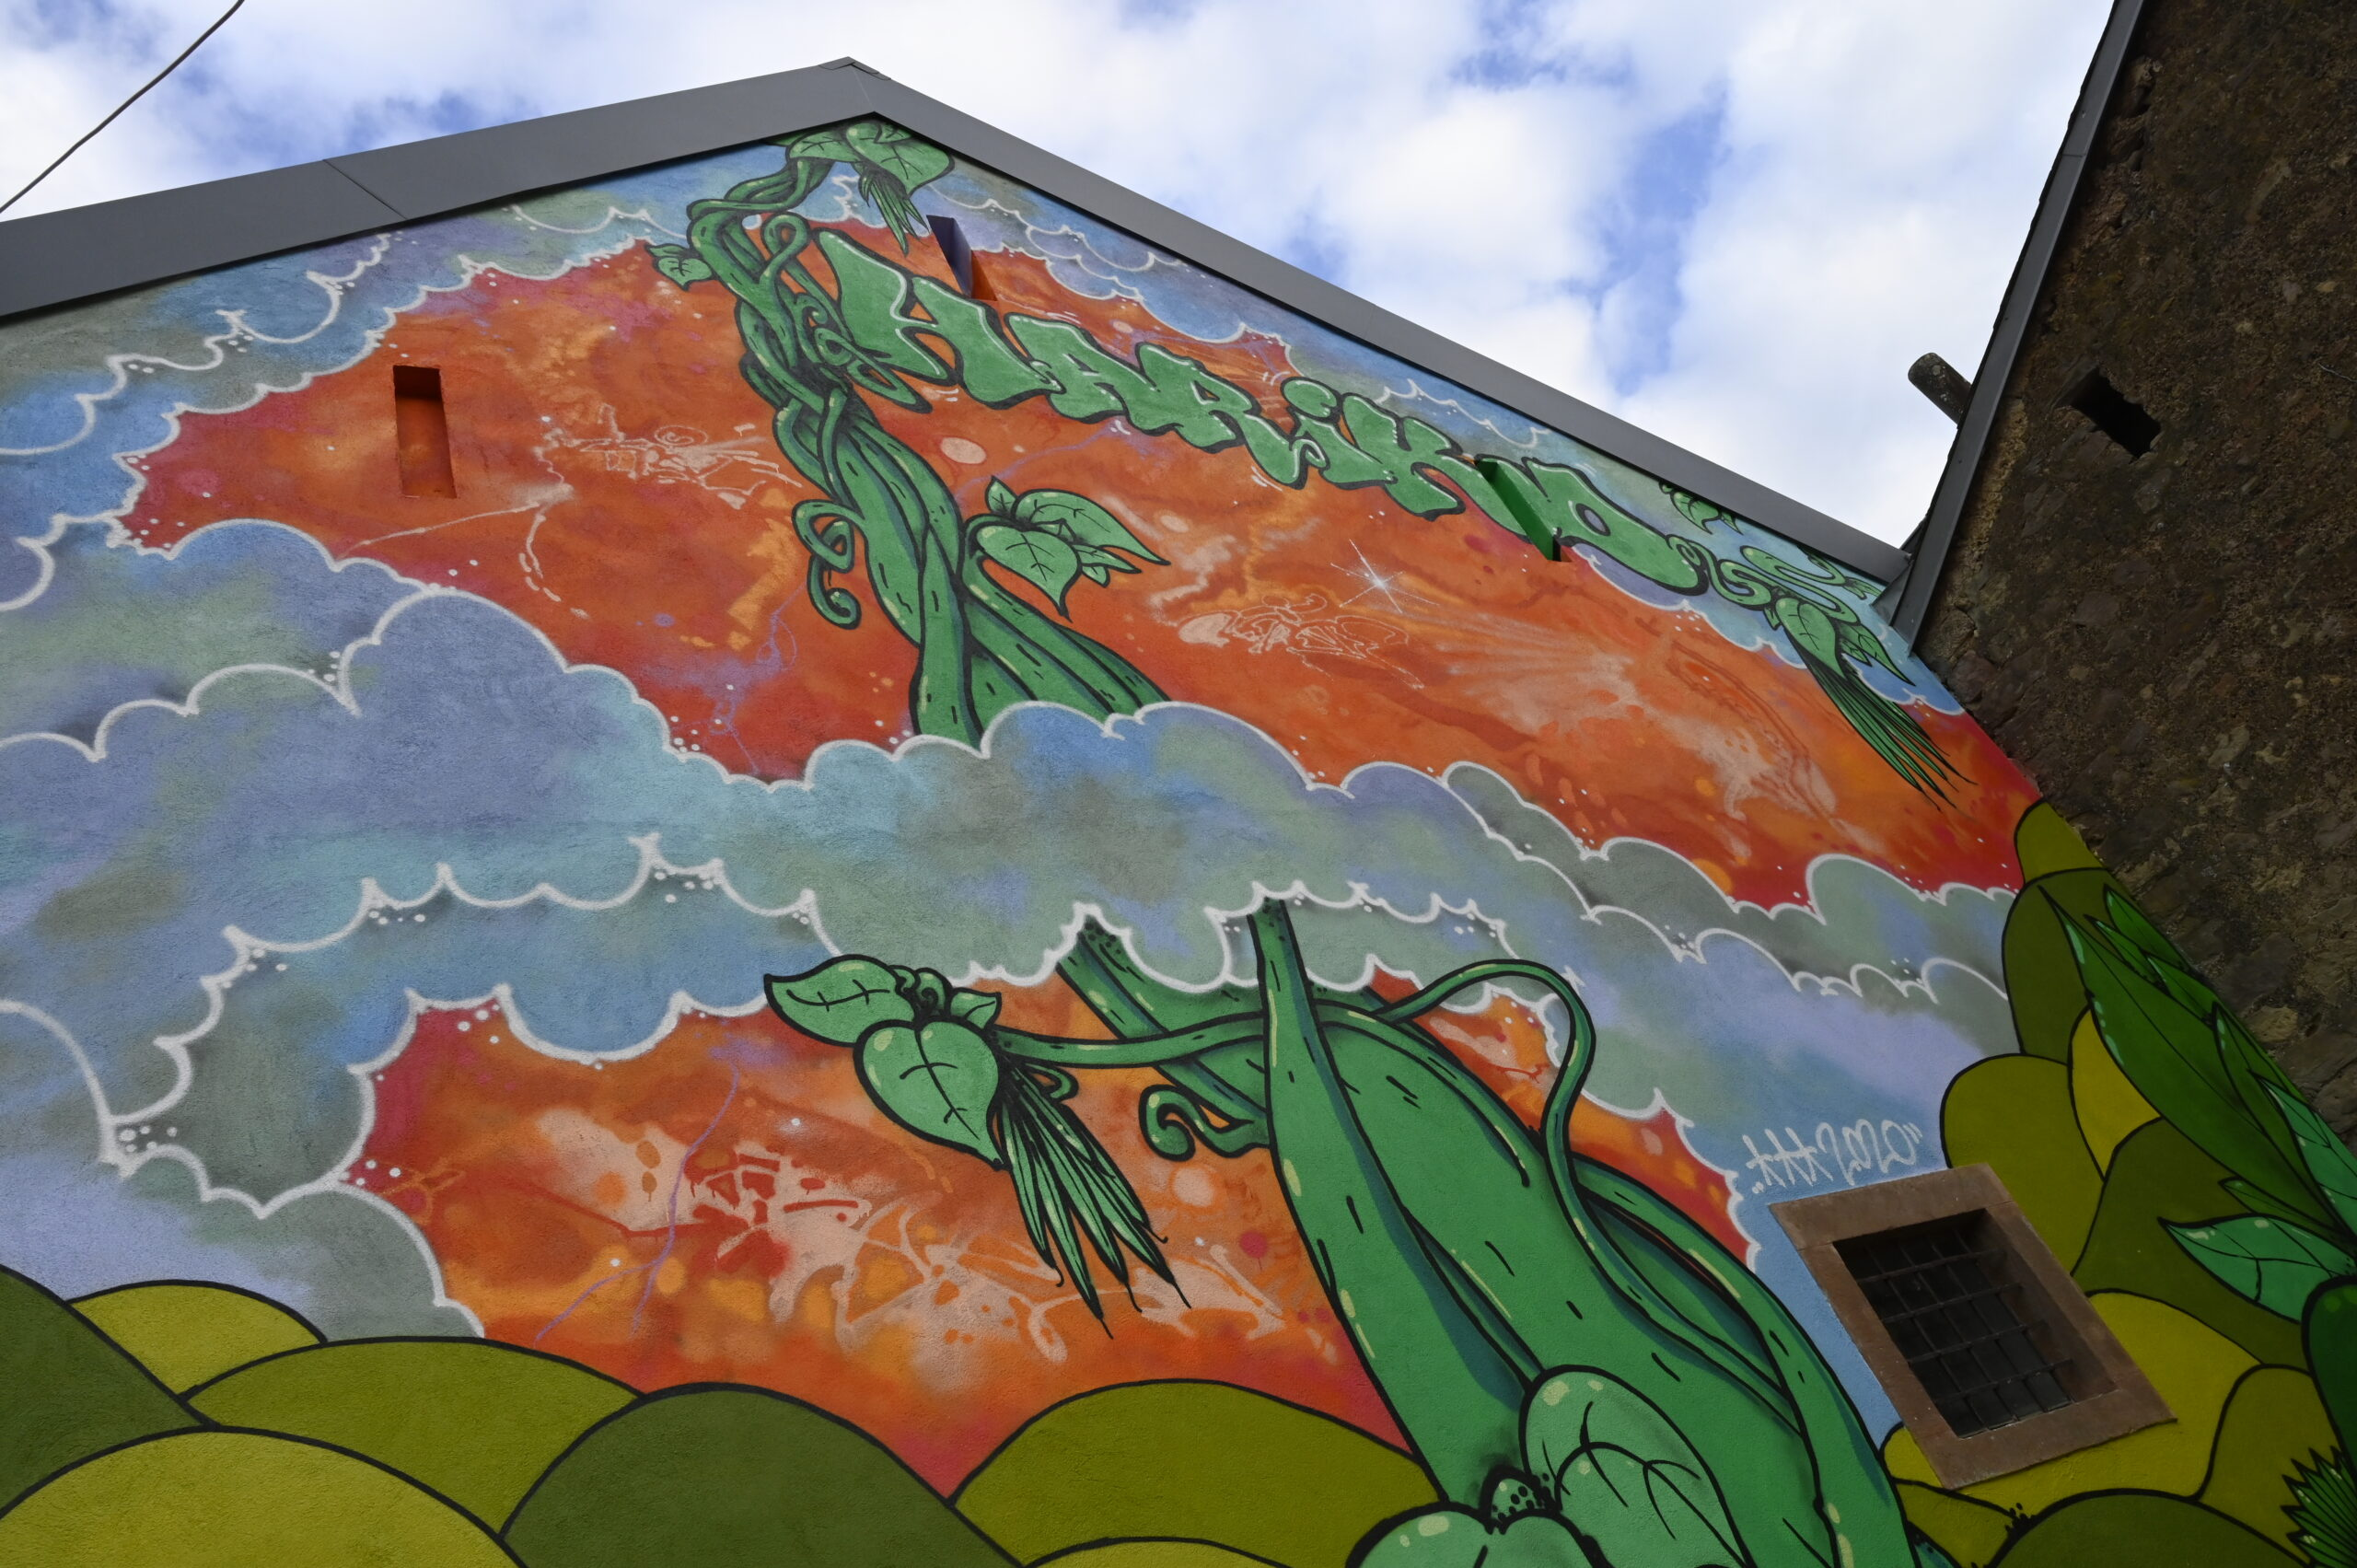 Urban Art réalisé par Stick sur le bâtiment du Hariko